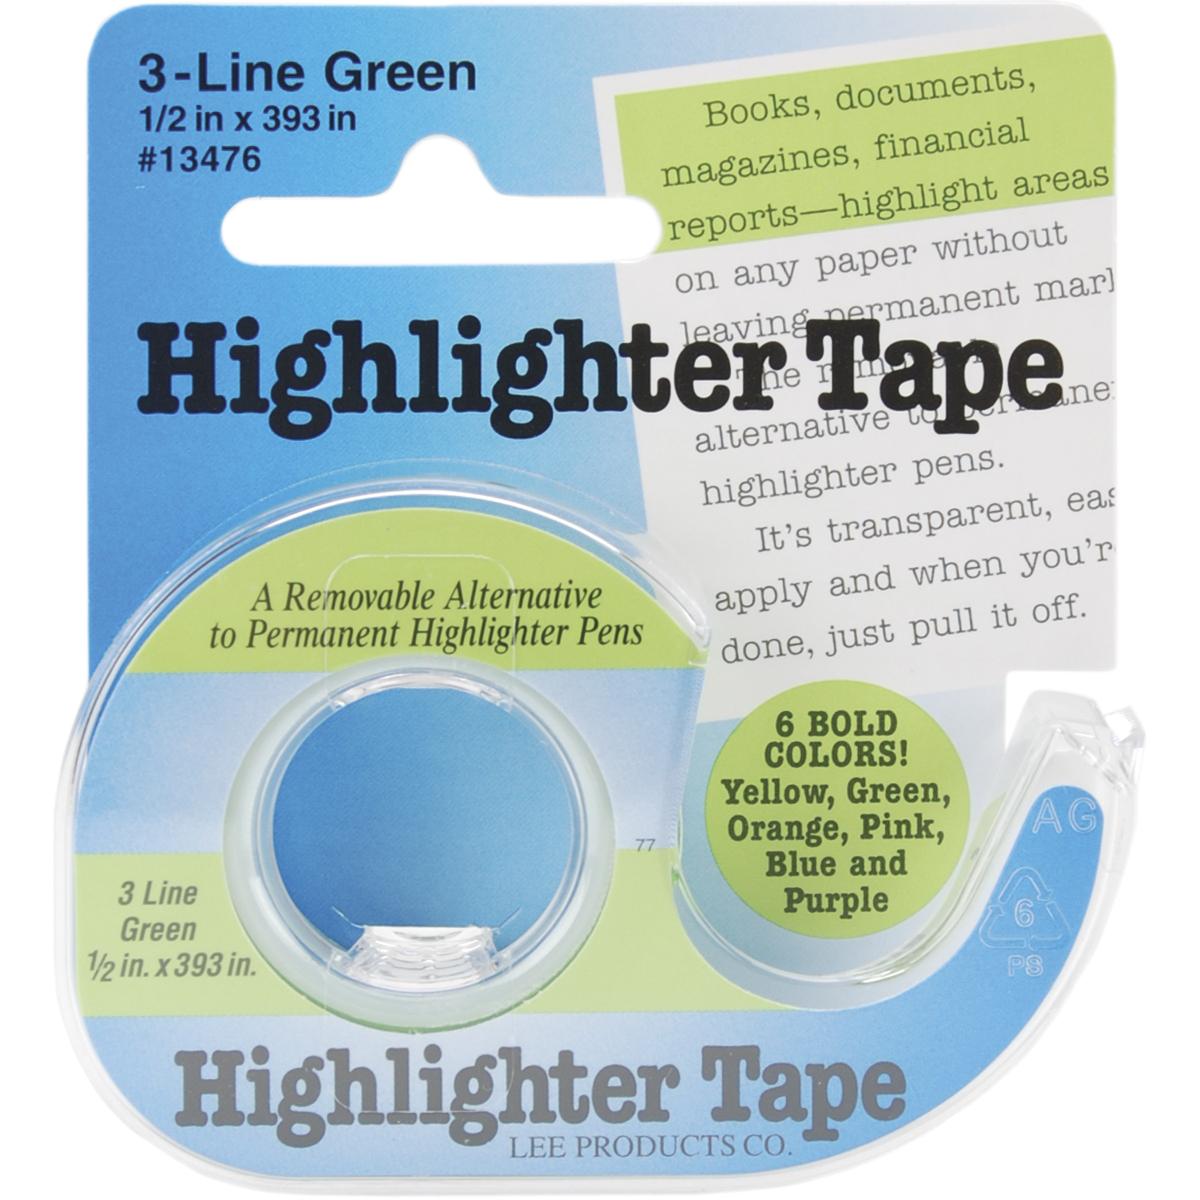 Highlighter Tape